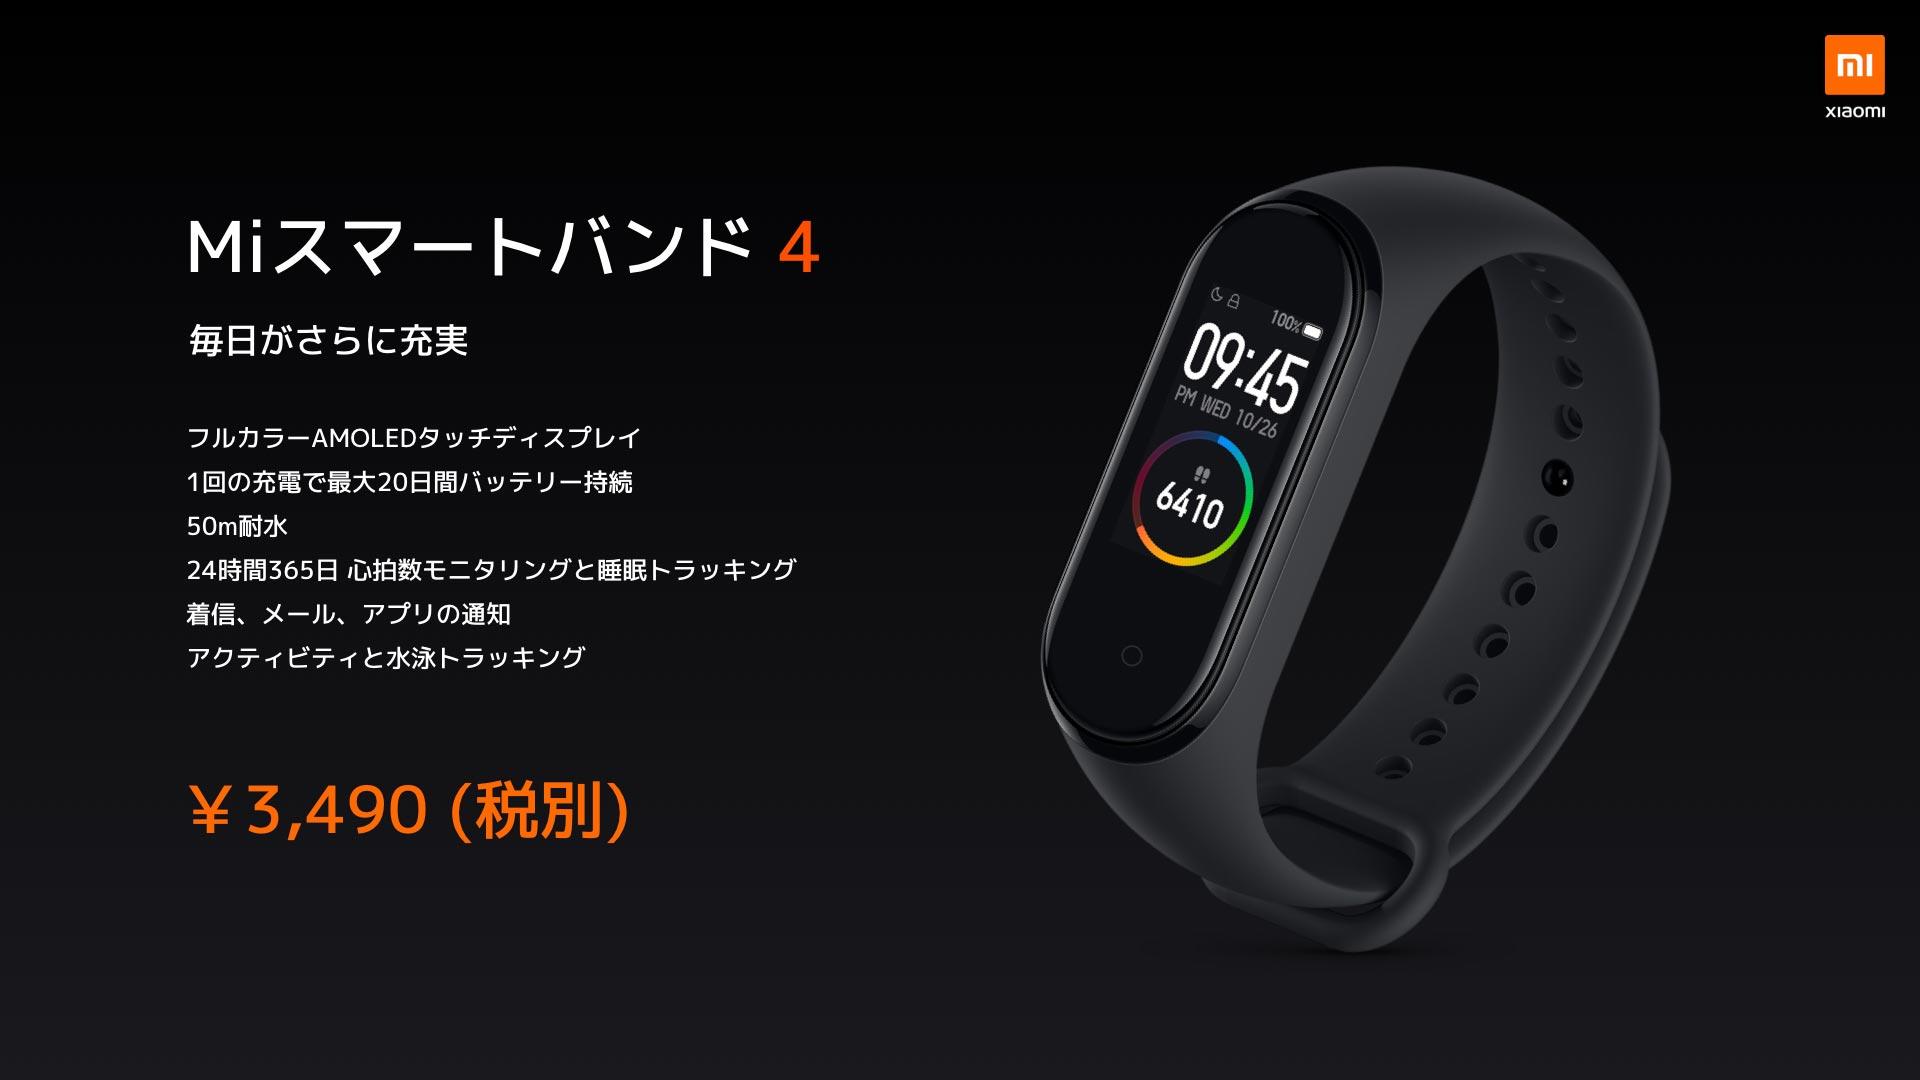 Xiaomi(シャオミ)のスマートバンド「Mi Smart Band 4」が日本市場に登場!バッテリー持ち20日で3,490円!